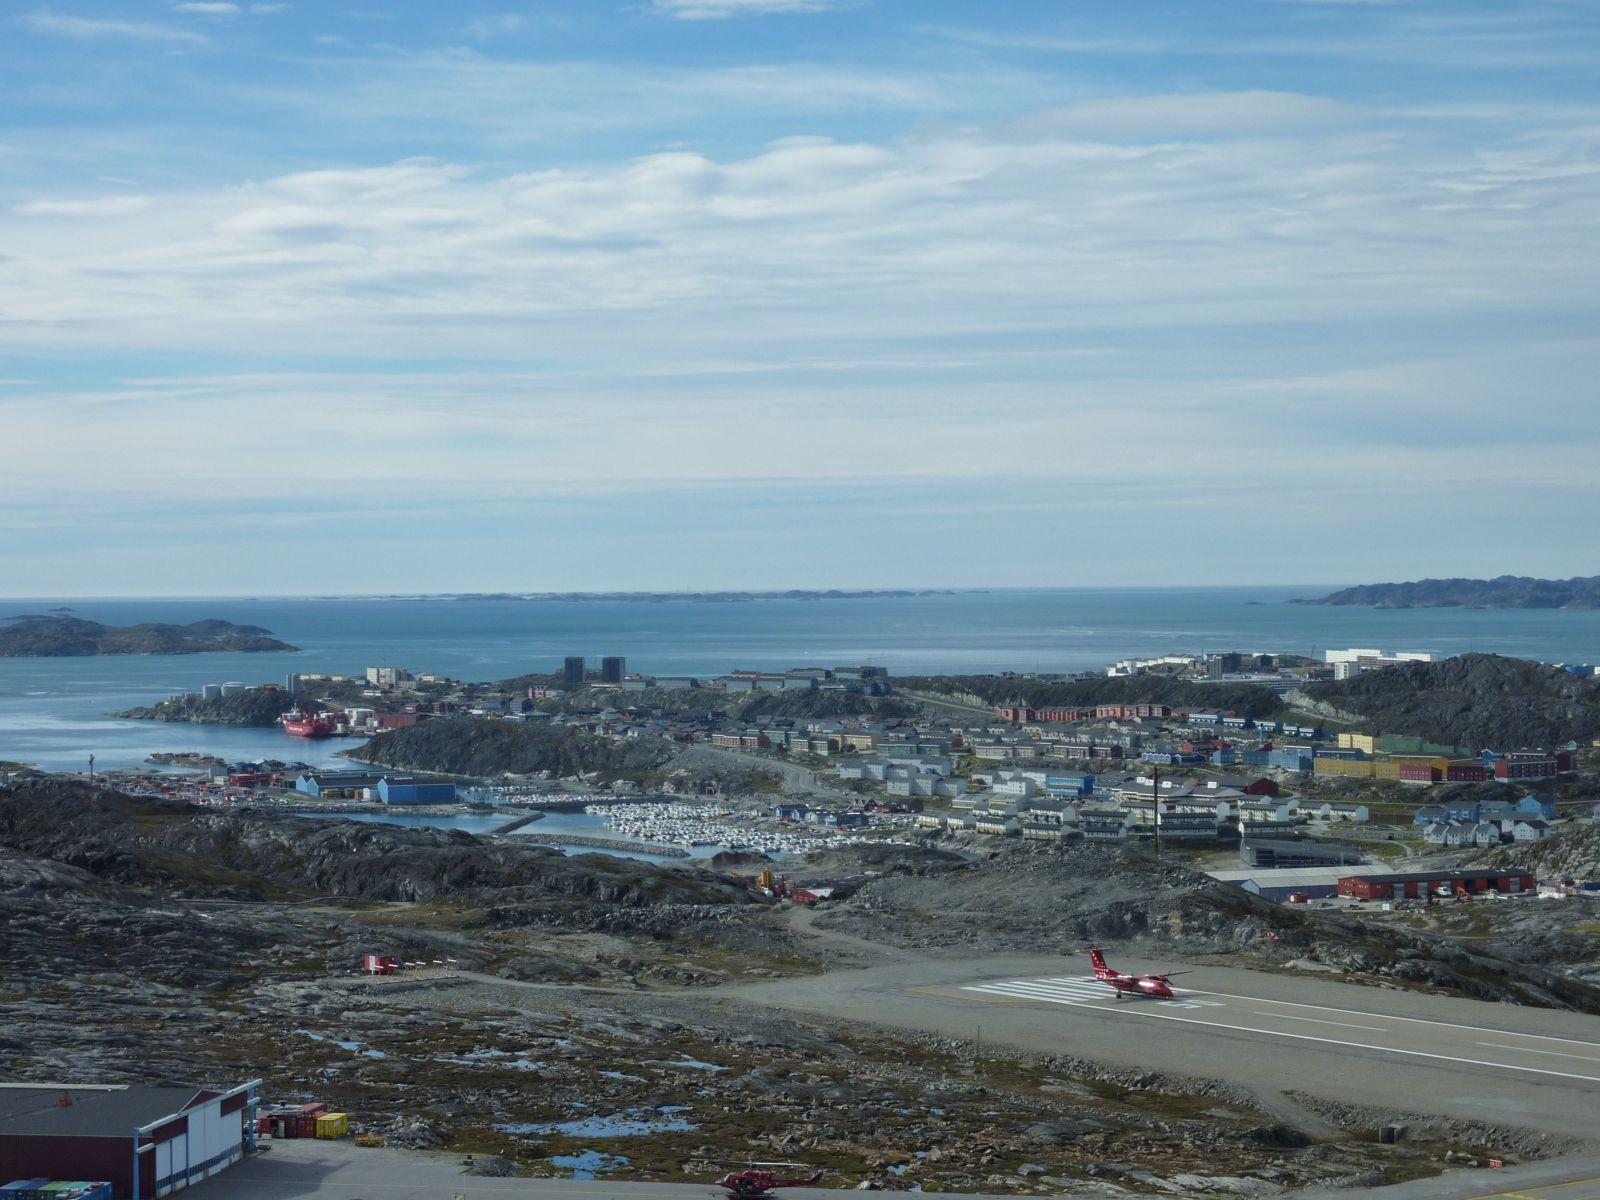 2010-09-02-1256_-_Dash8; Havn; Iggia; Nuuk Imeq; Ral-skib